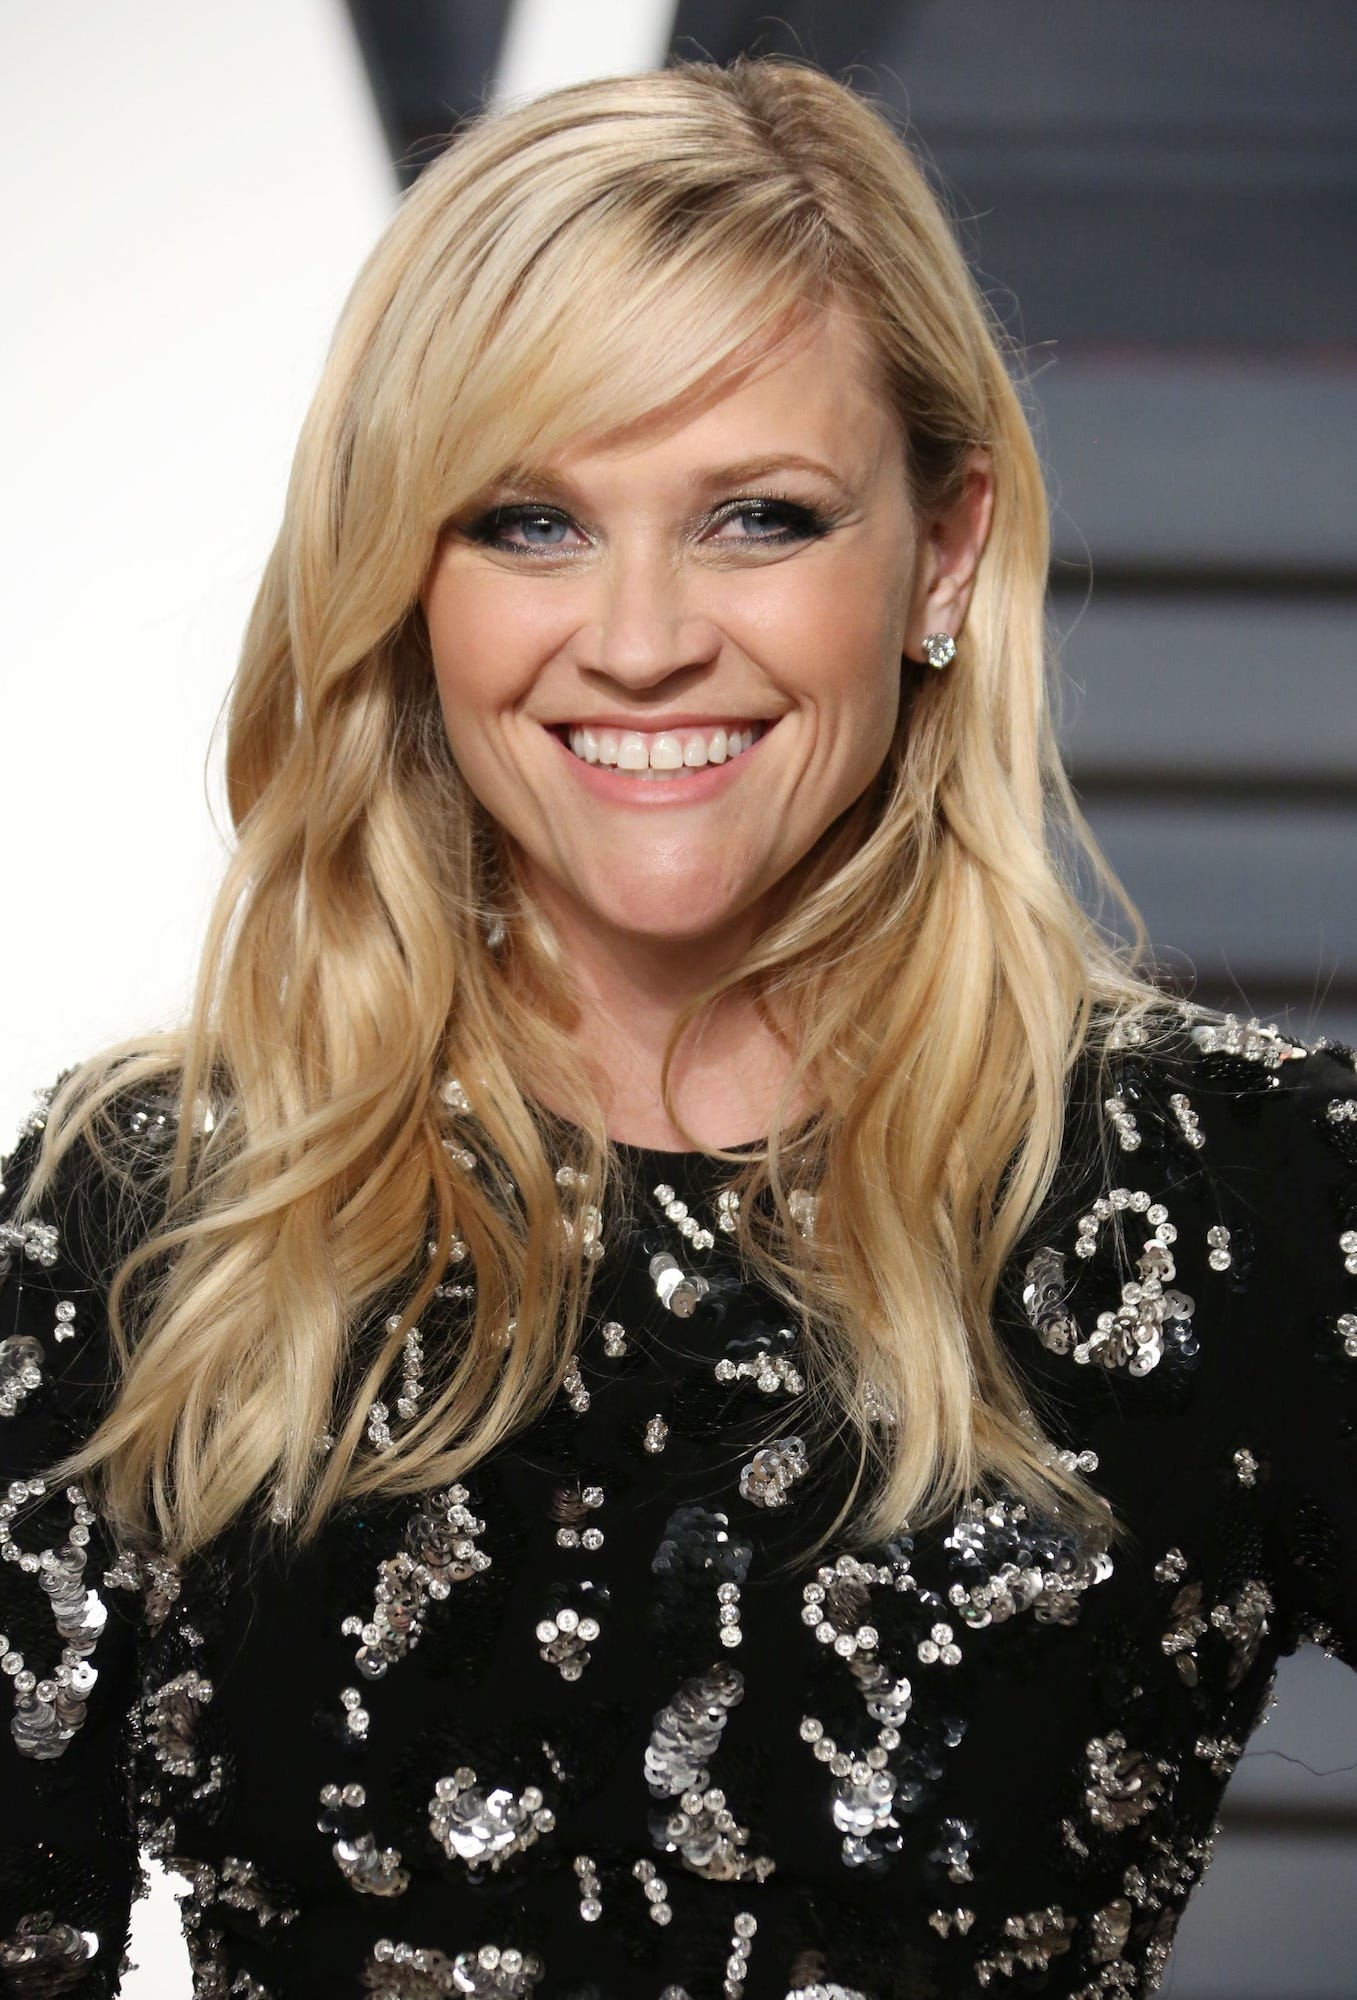 Reese Witherspoon potongan rambut layer panjang poni samping.